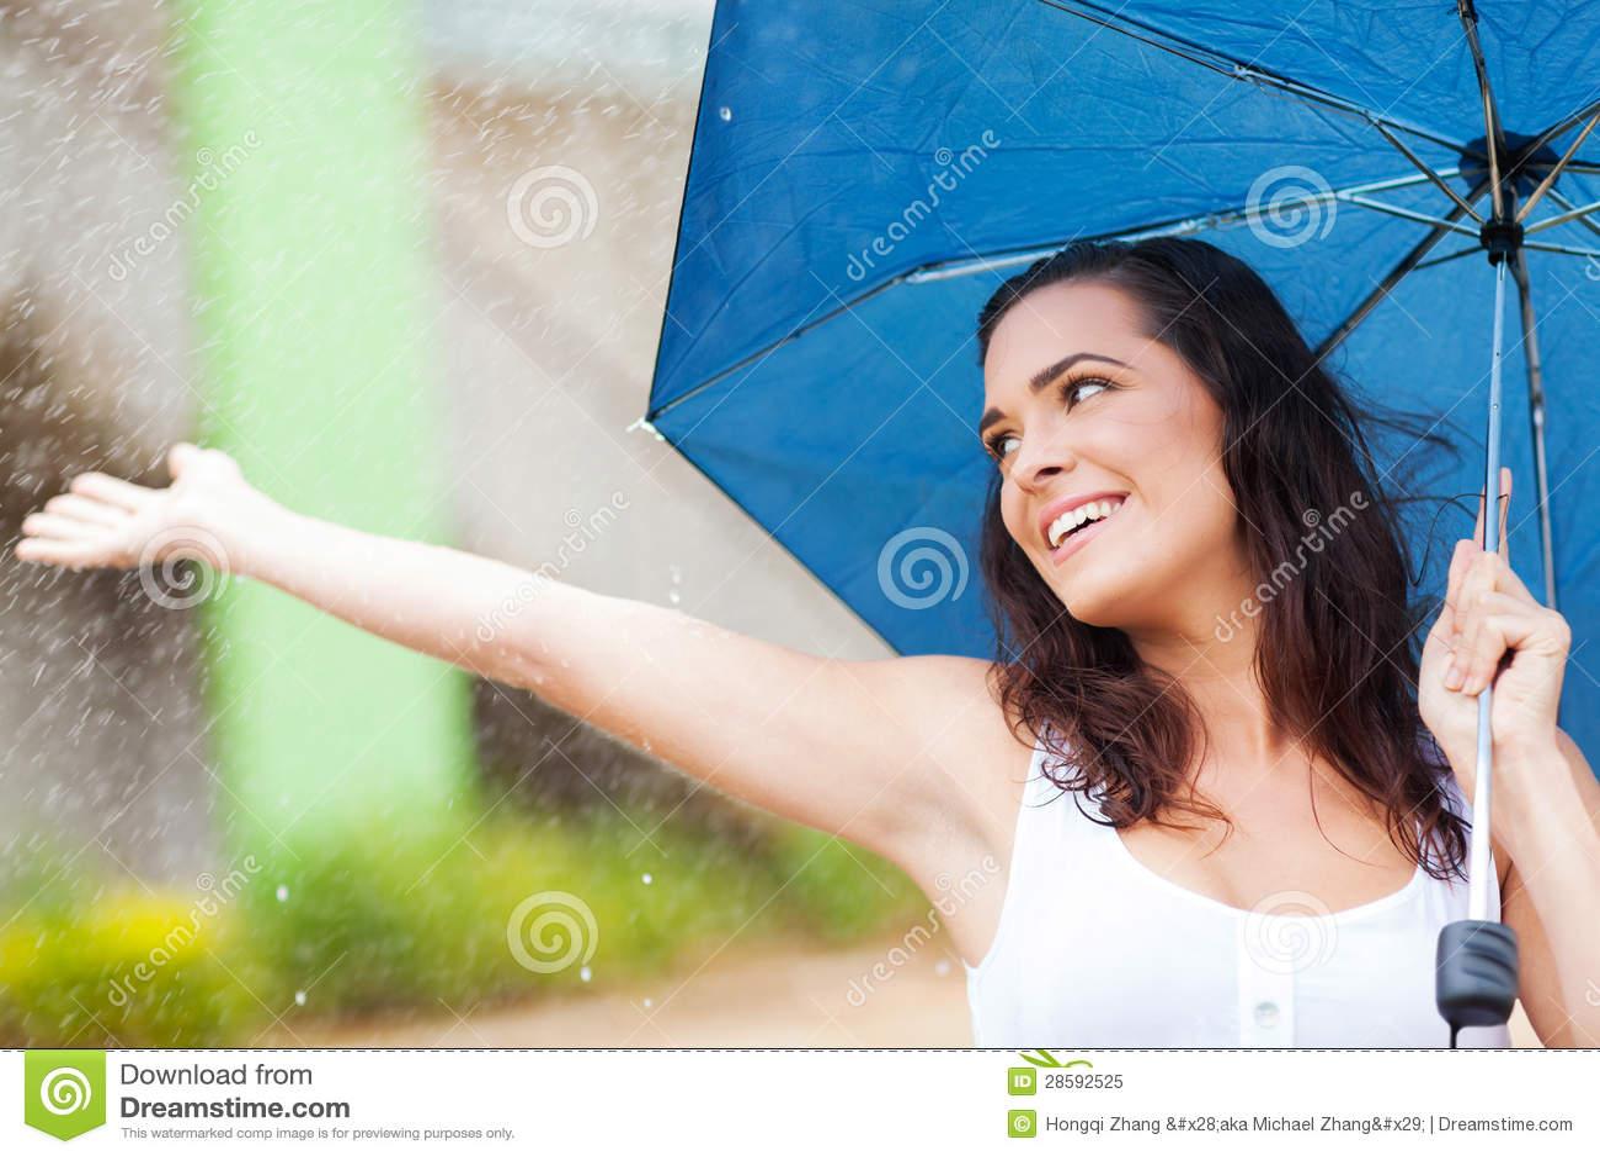 Mieć zabawę w deszczu